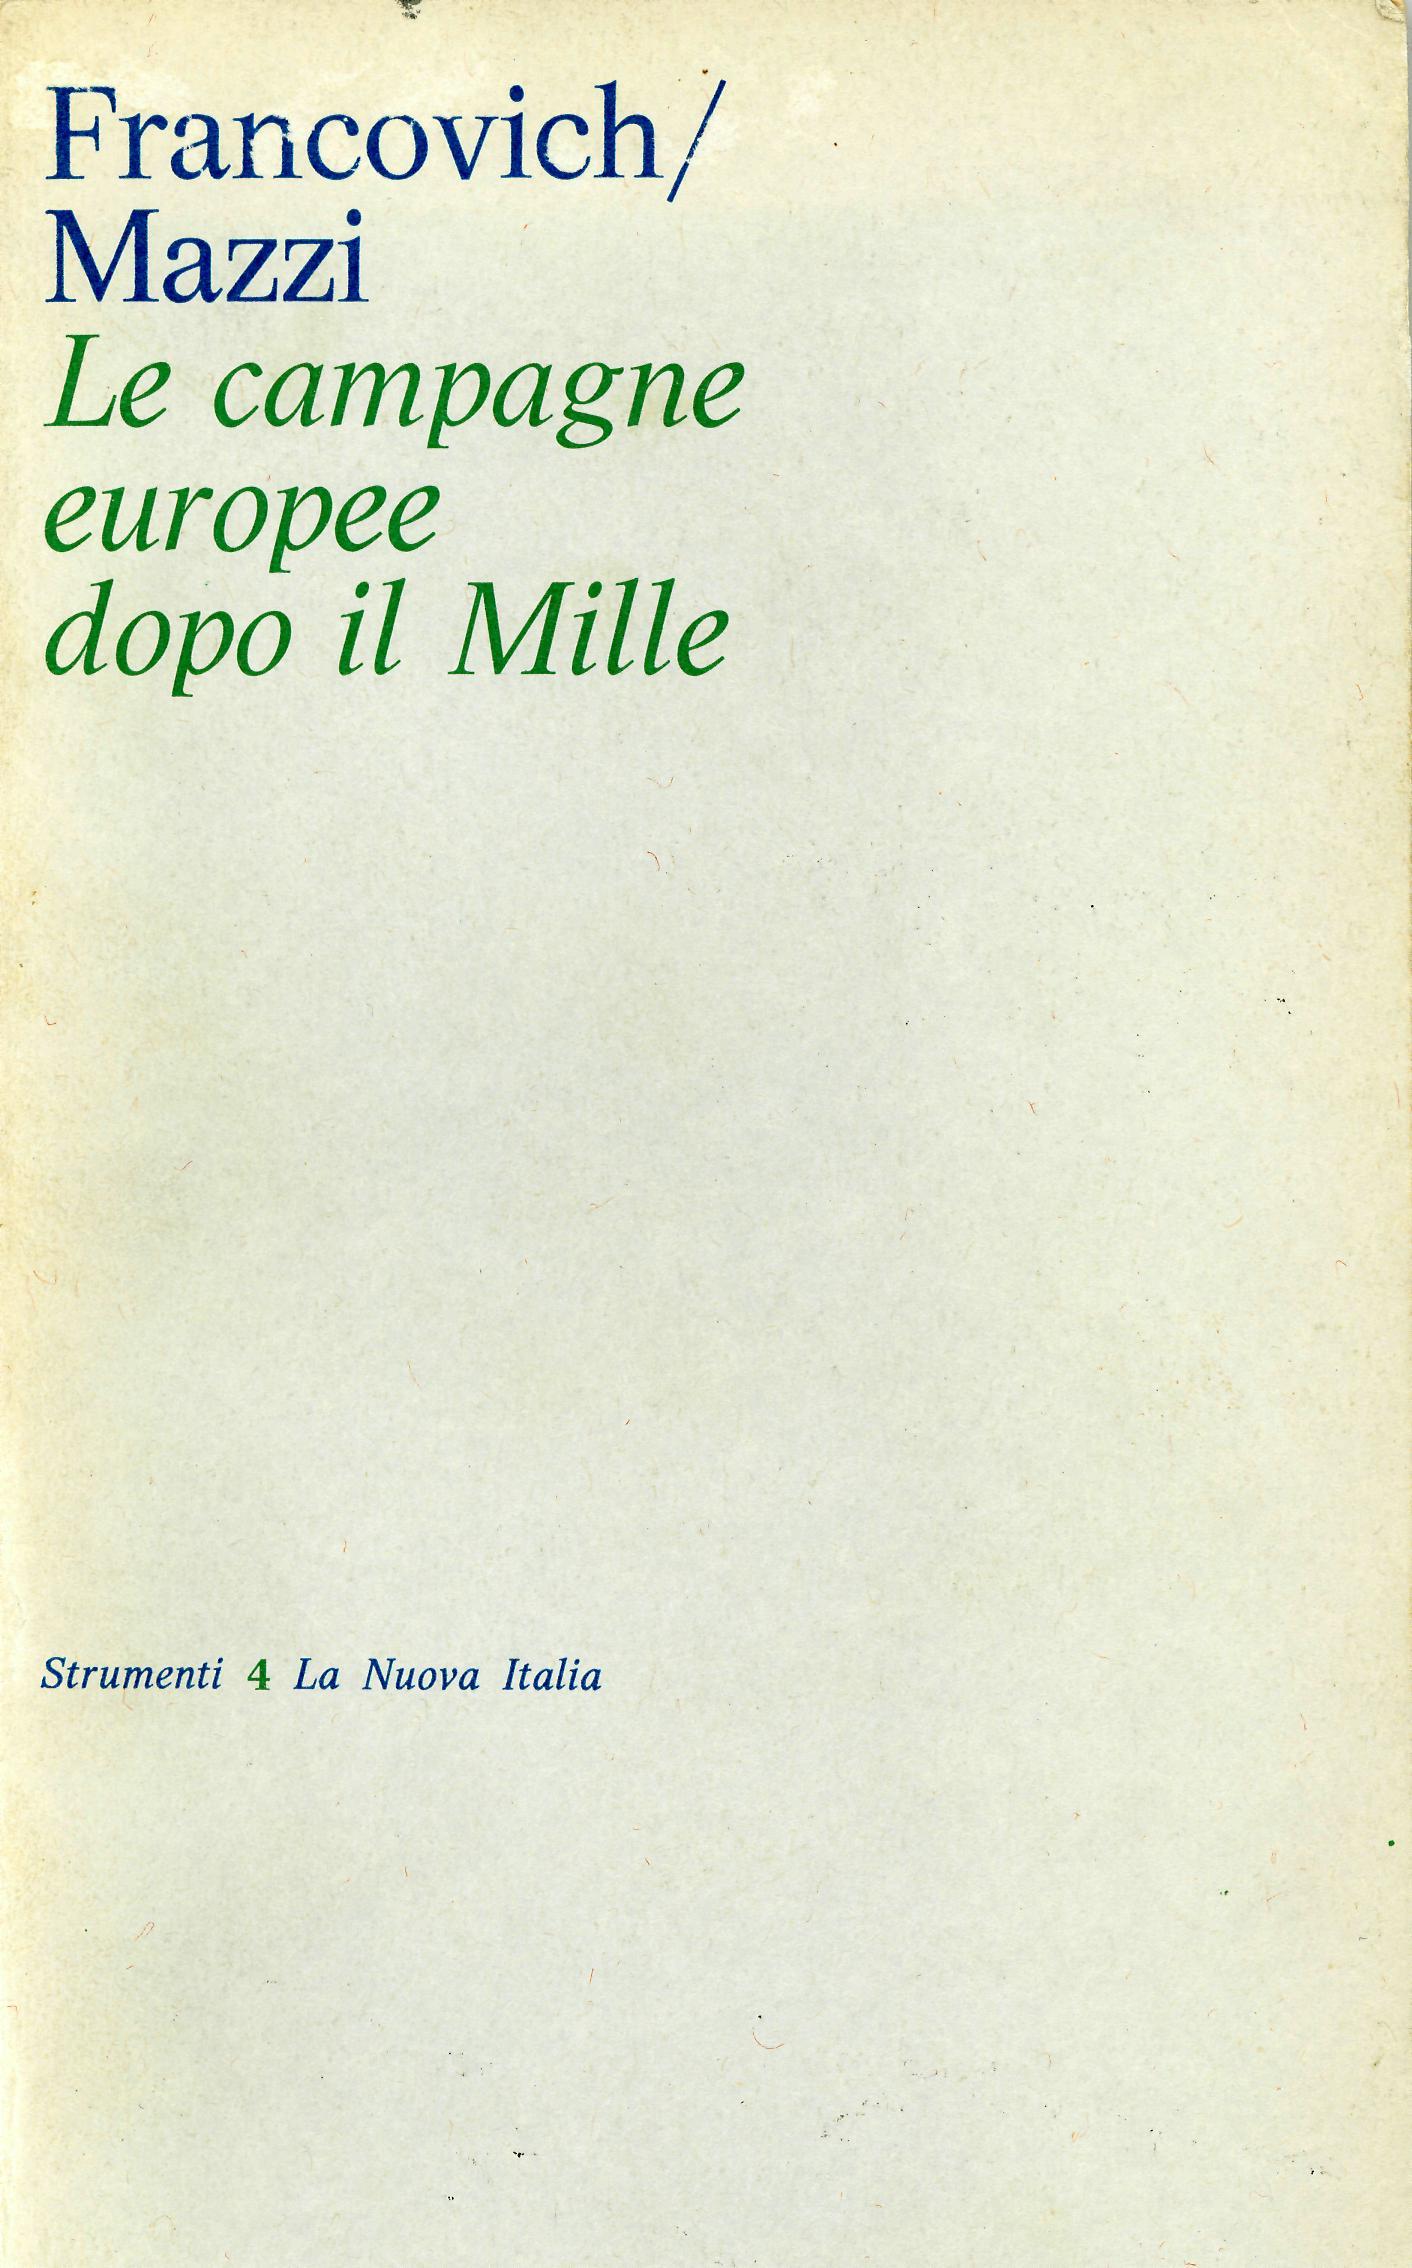 Le campagne europee ...